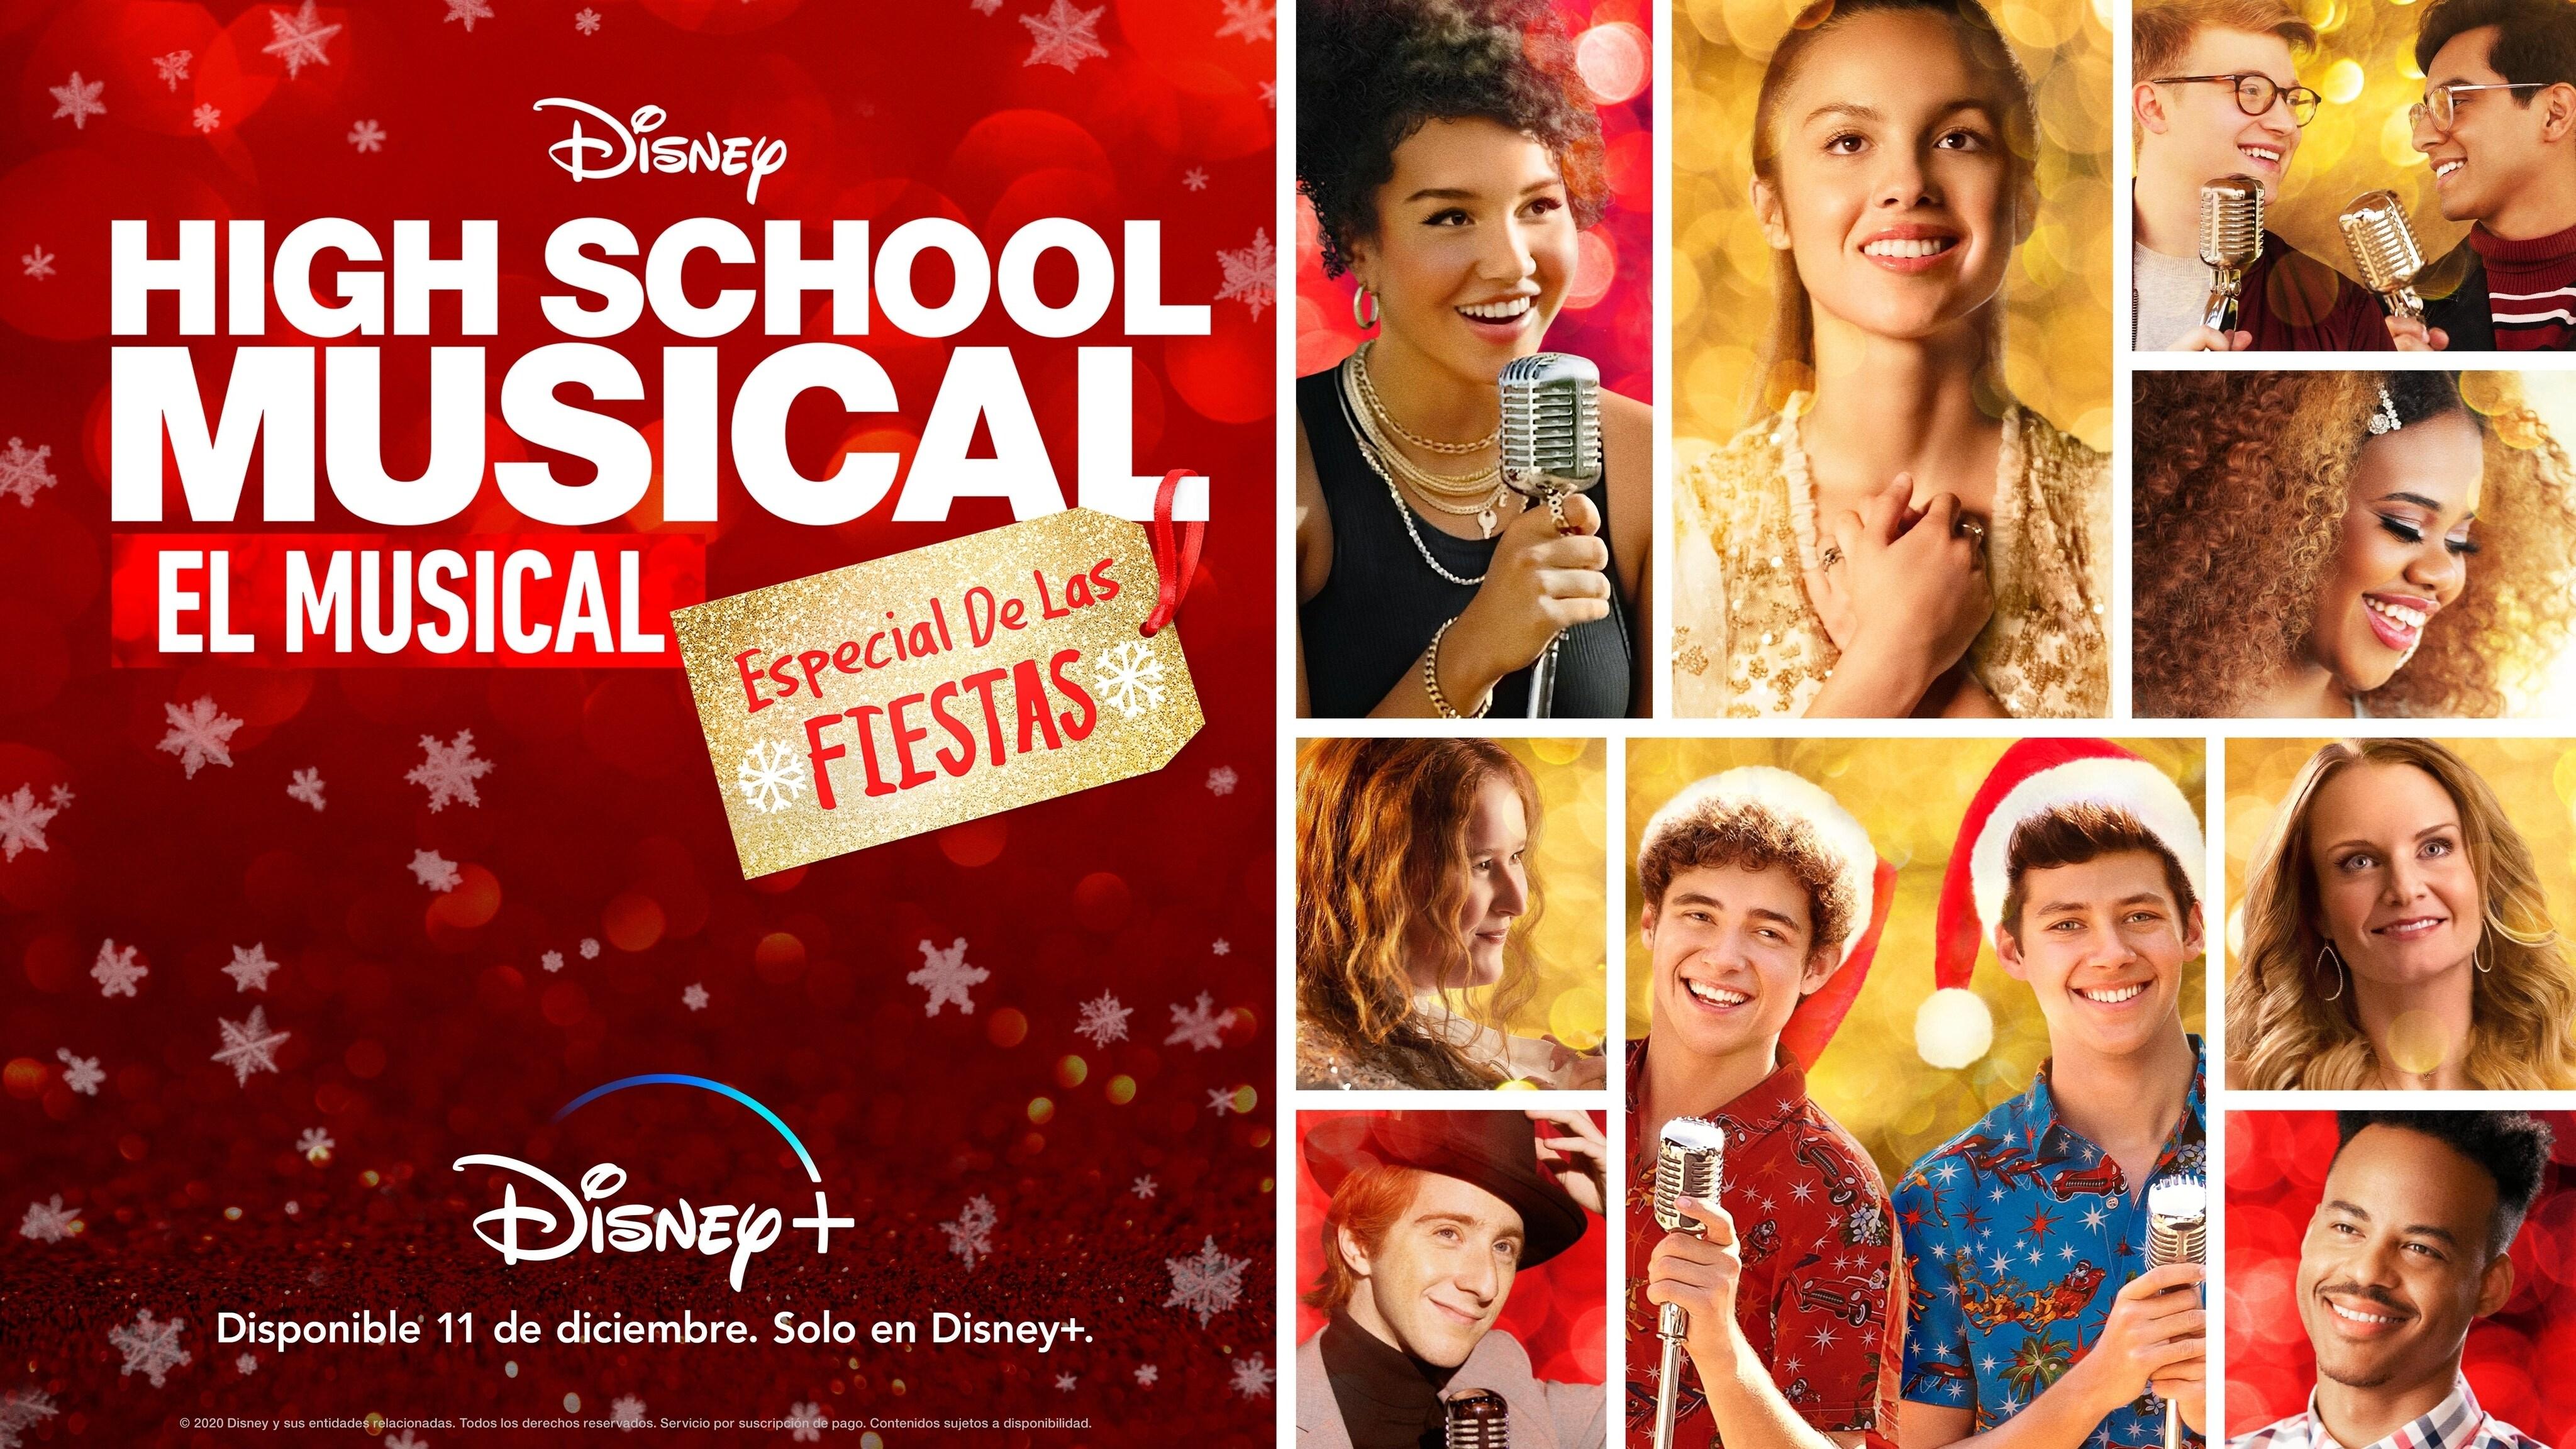 High School Musical: El Musical: Especial de las Fiestas